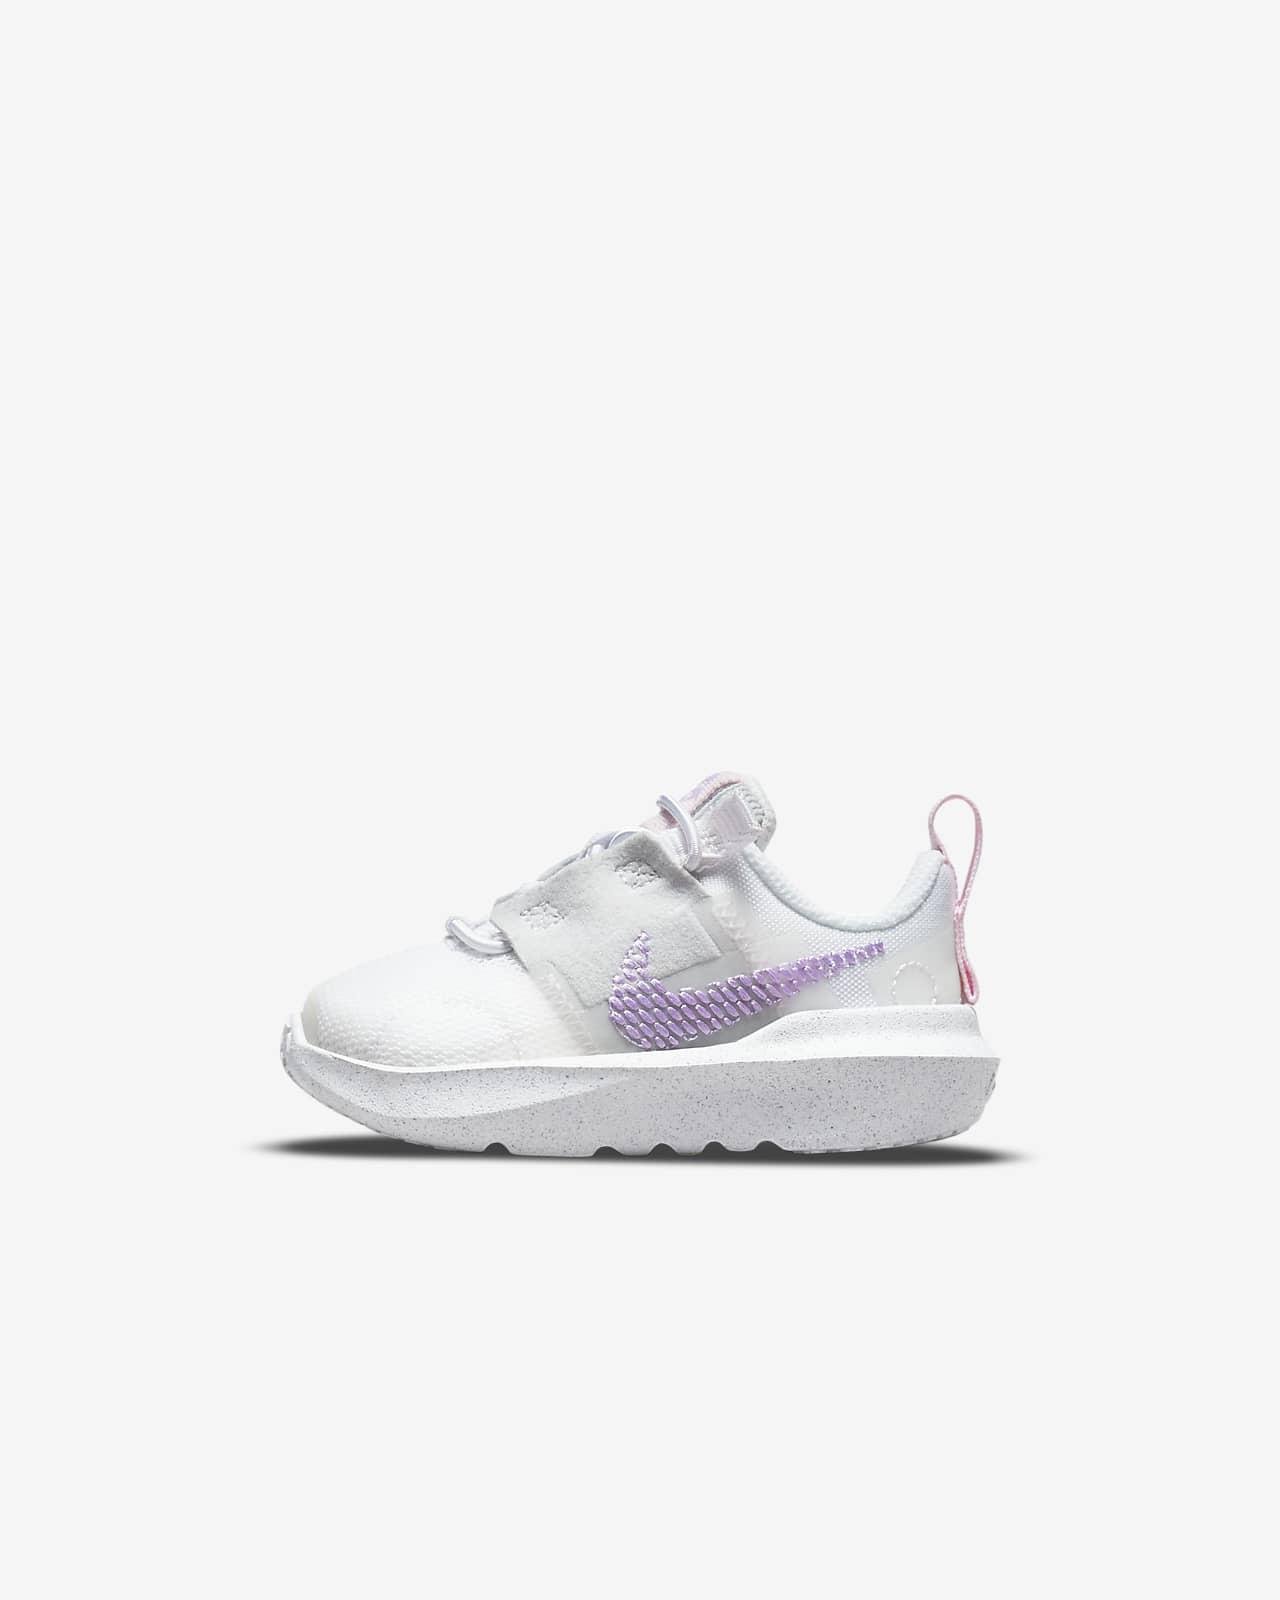 Chaussure Nike Crater Impact pour Bébé et Petit enfant